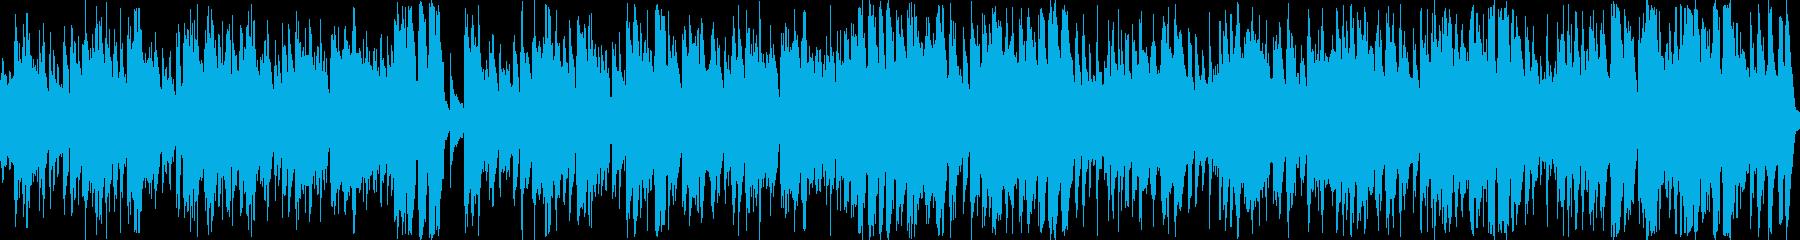 ラテンジャズを基とする軽快なポップスの再生済みの波形